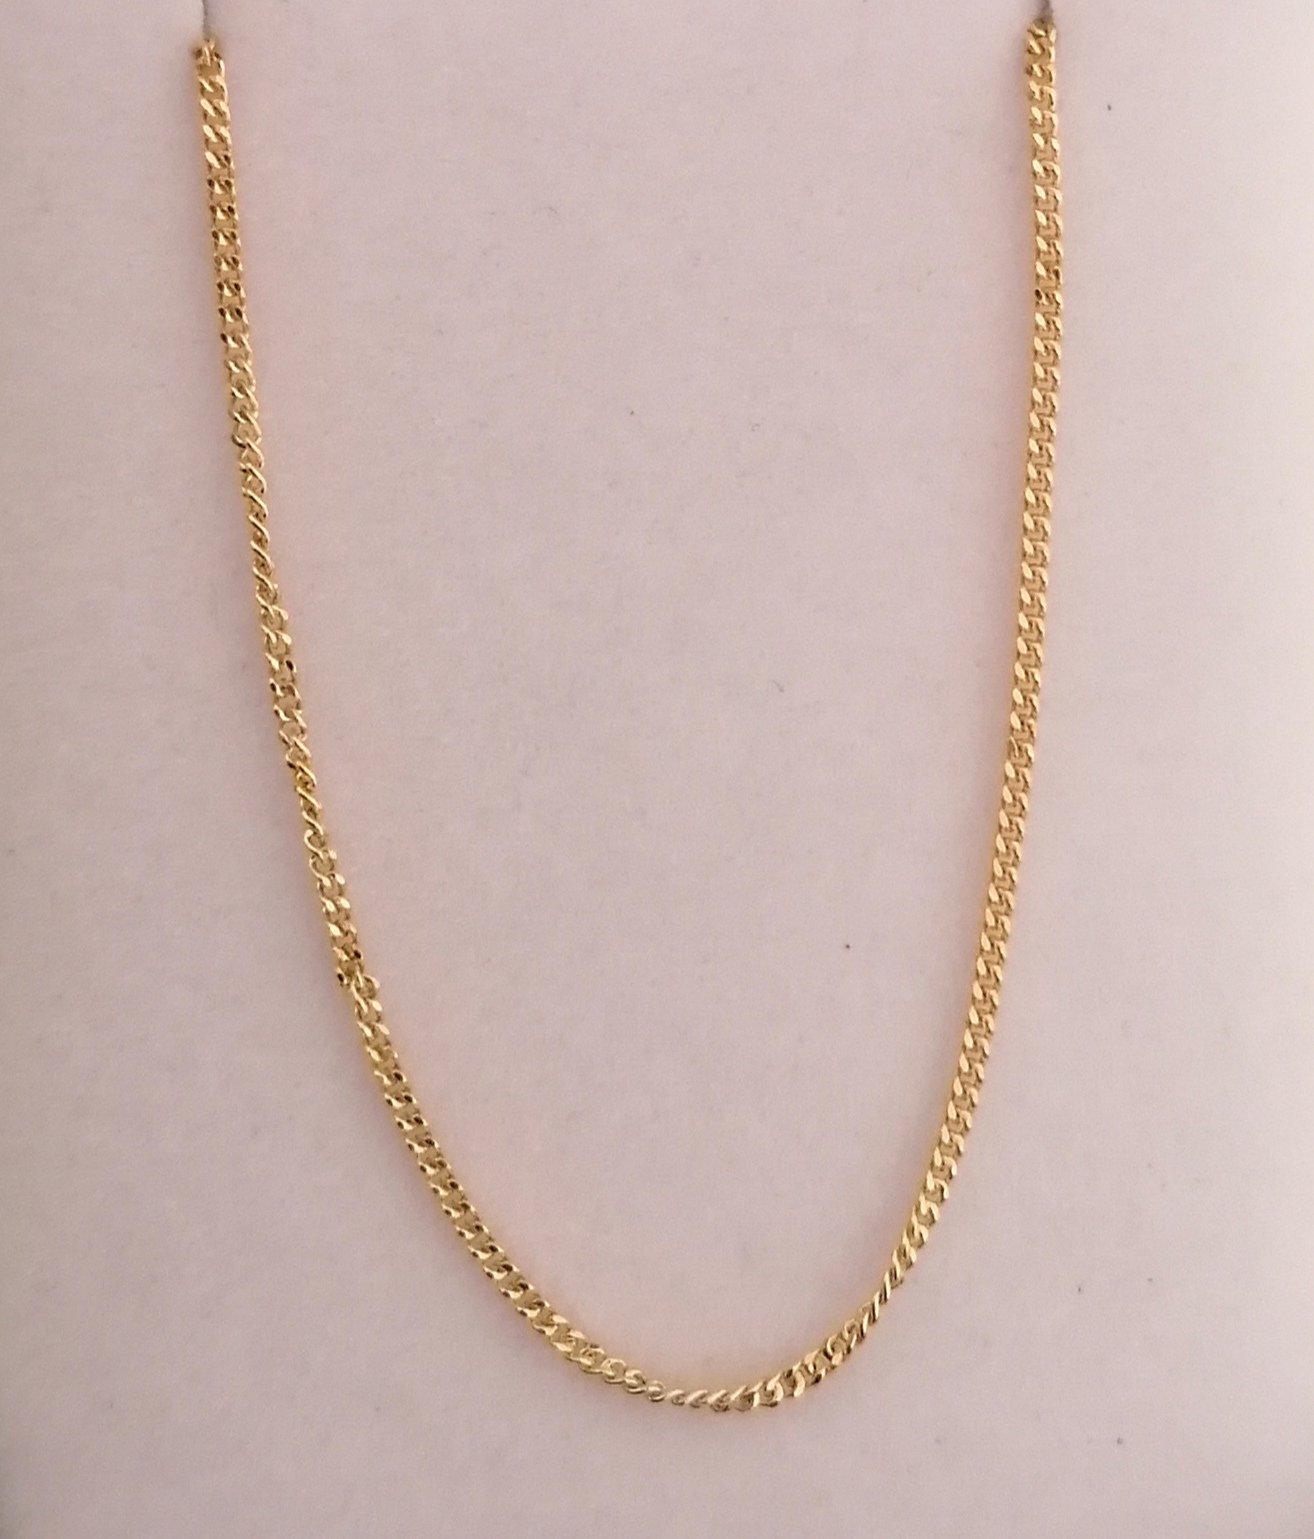 foto de cadena de oro fina en 45 cm